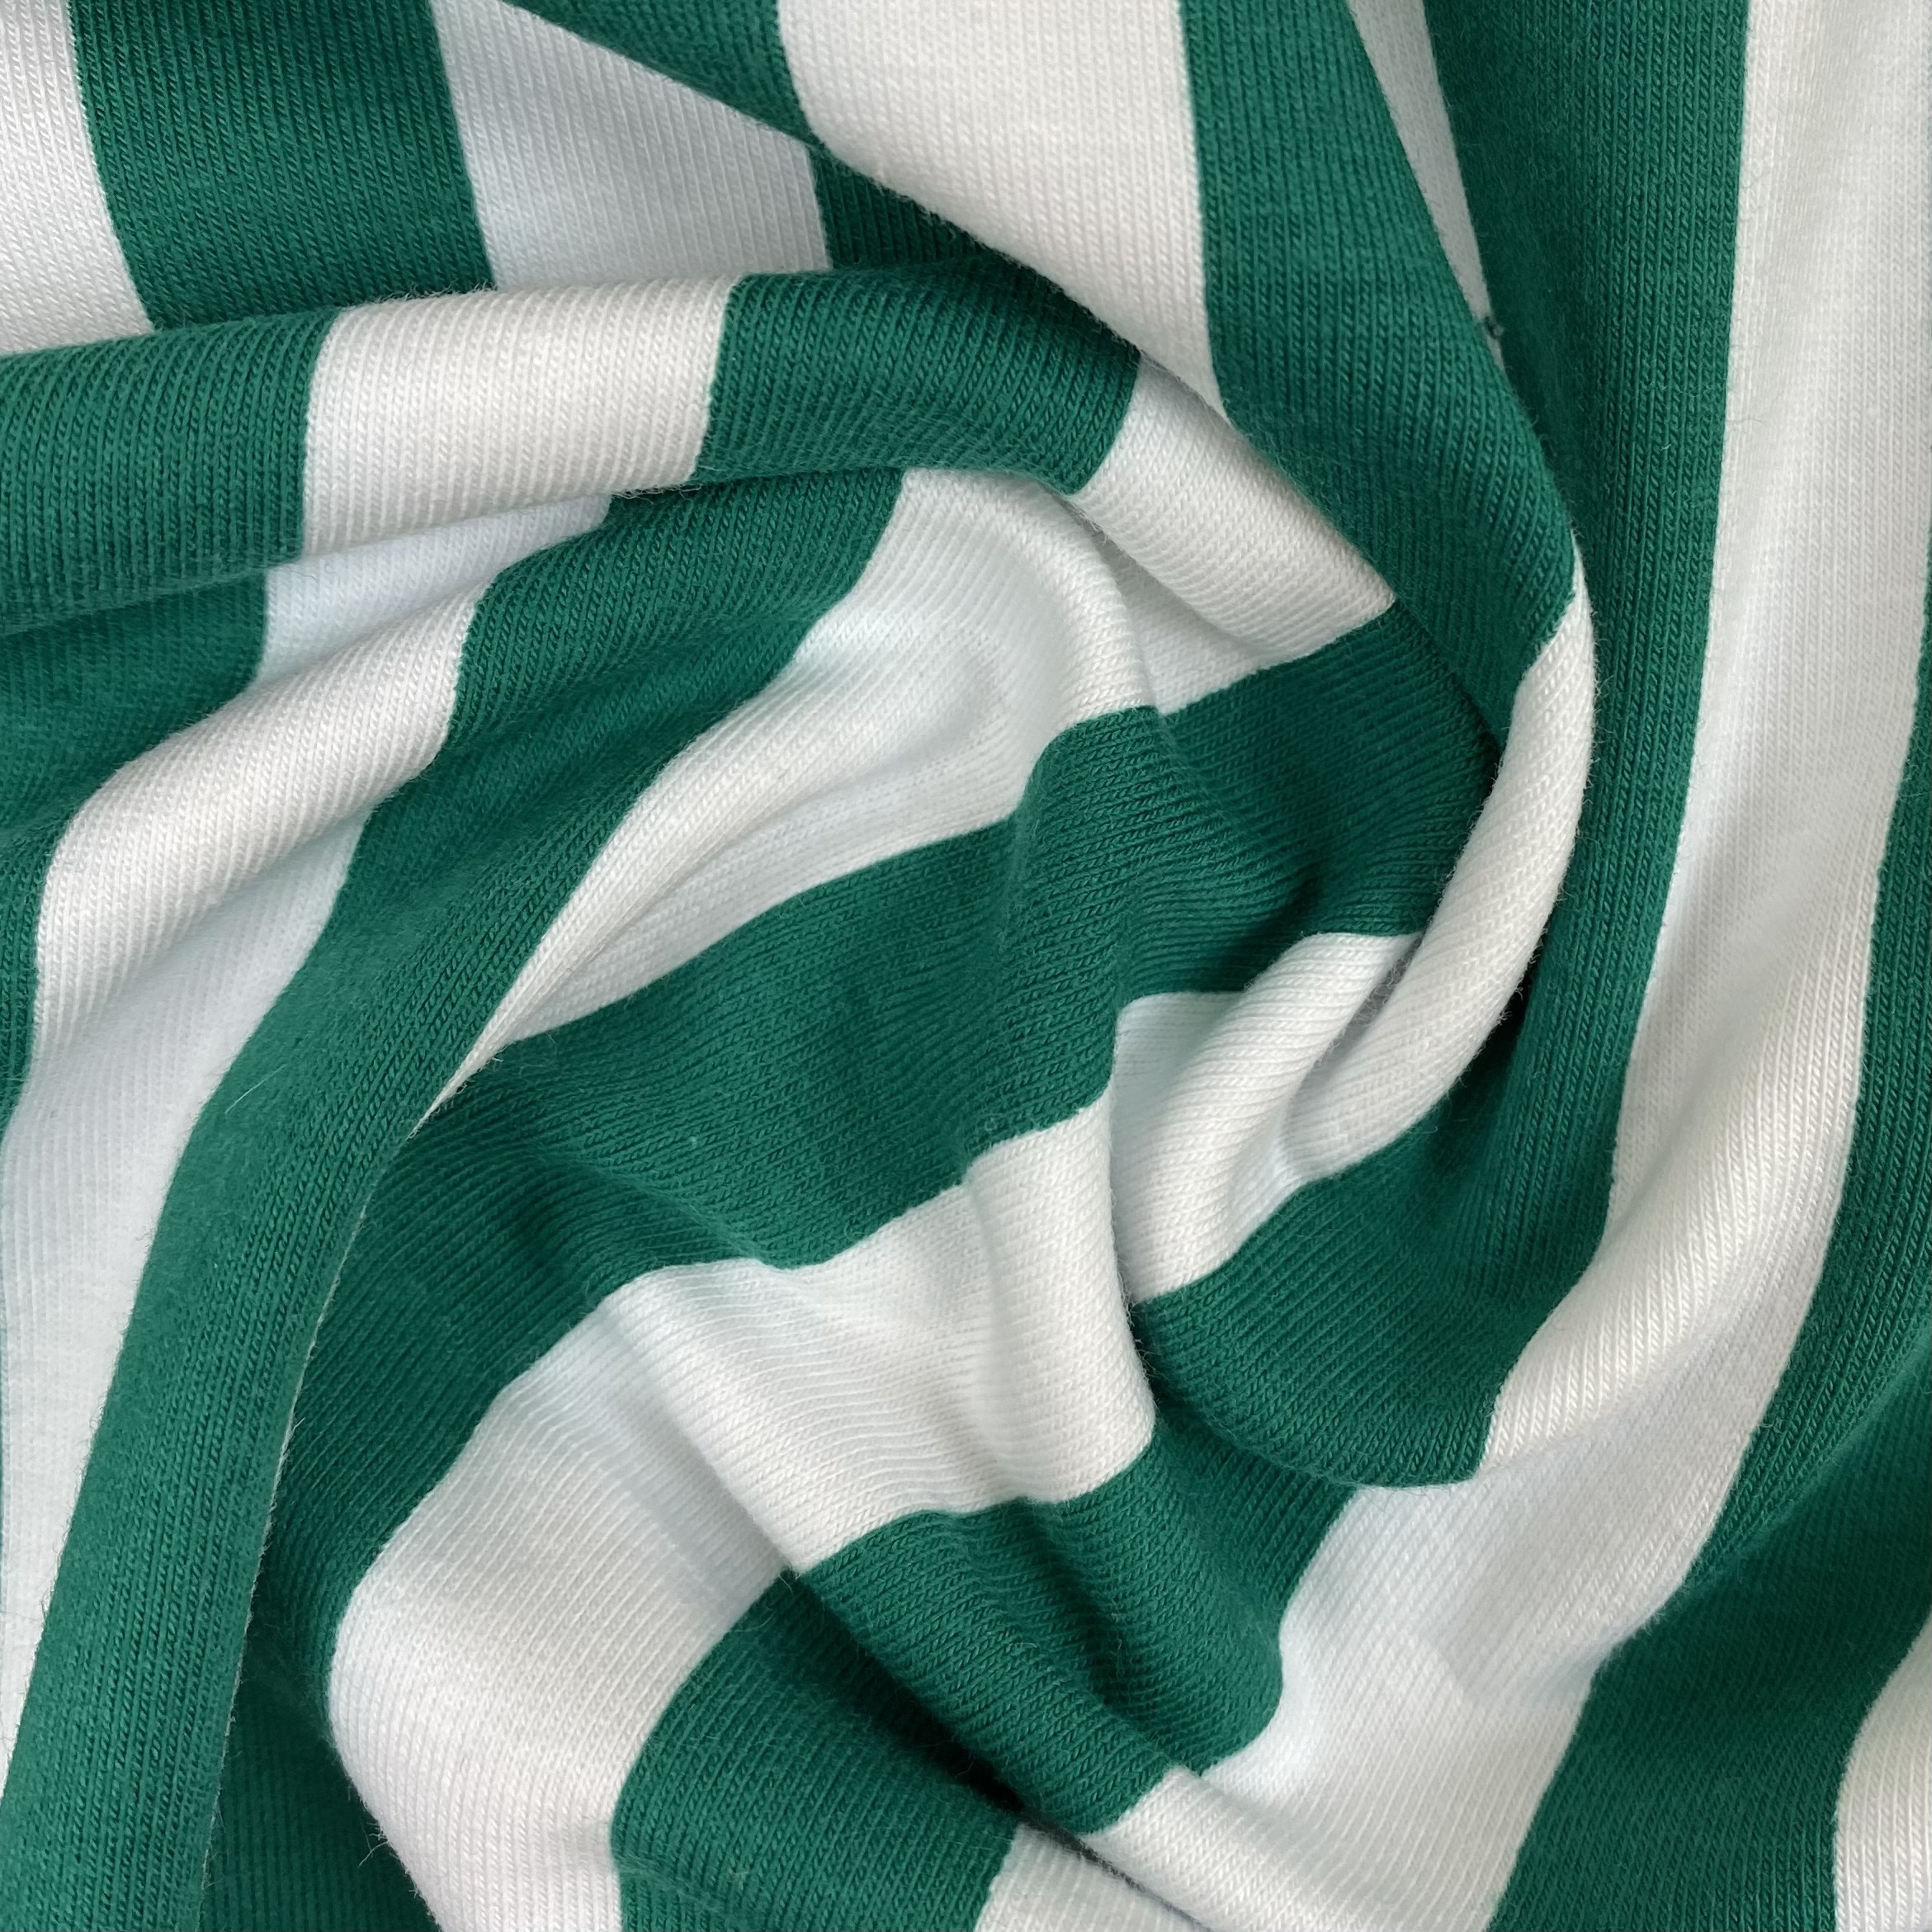 Baumwolljersey, Streifen grün&weiss. Art. KC 9590-828